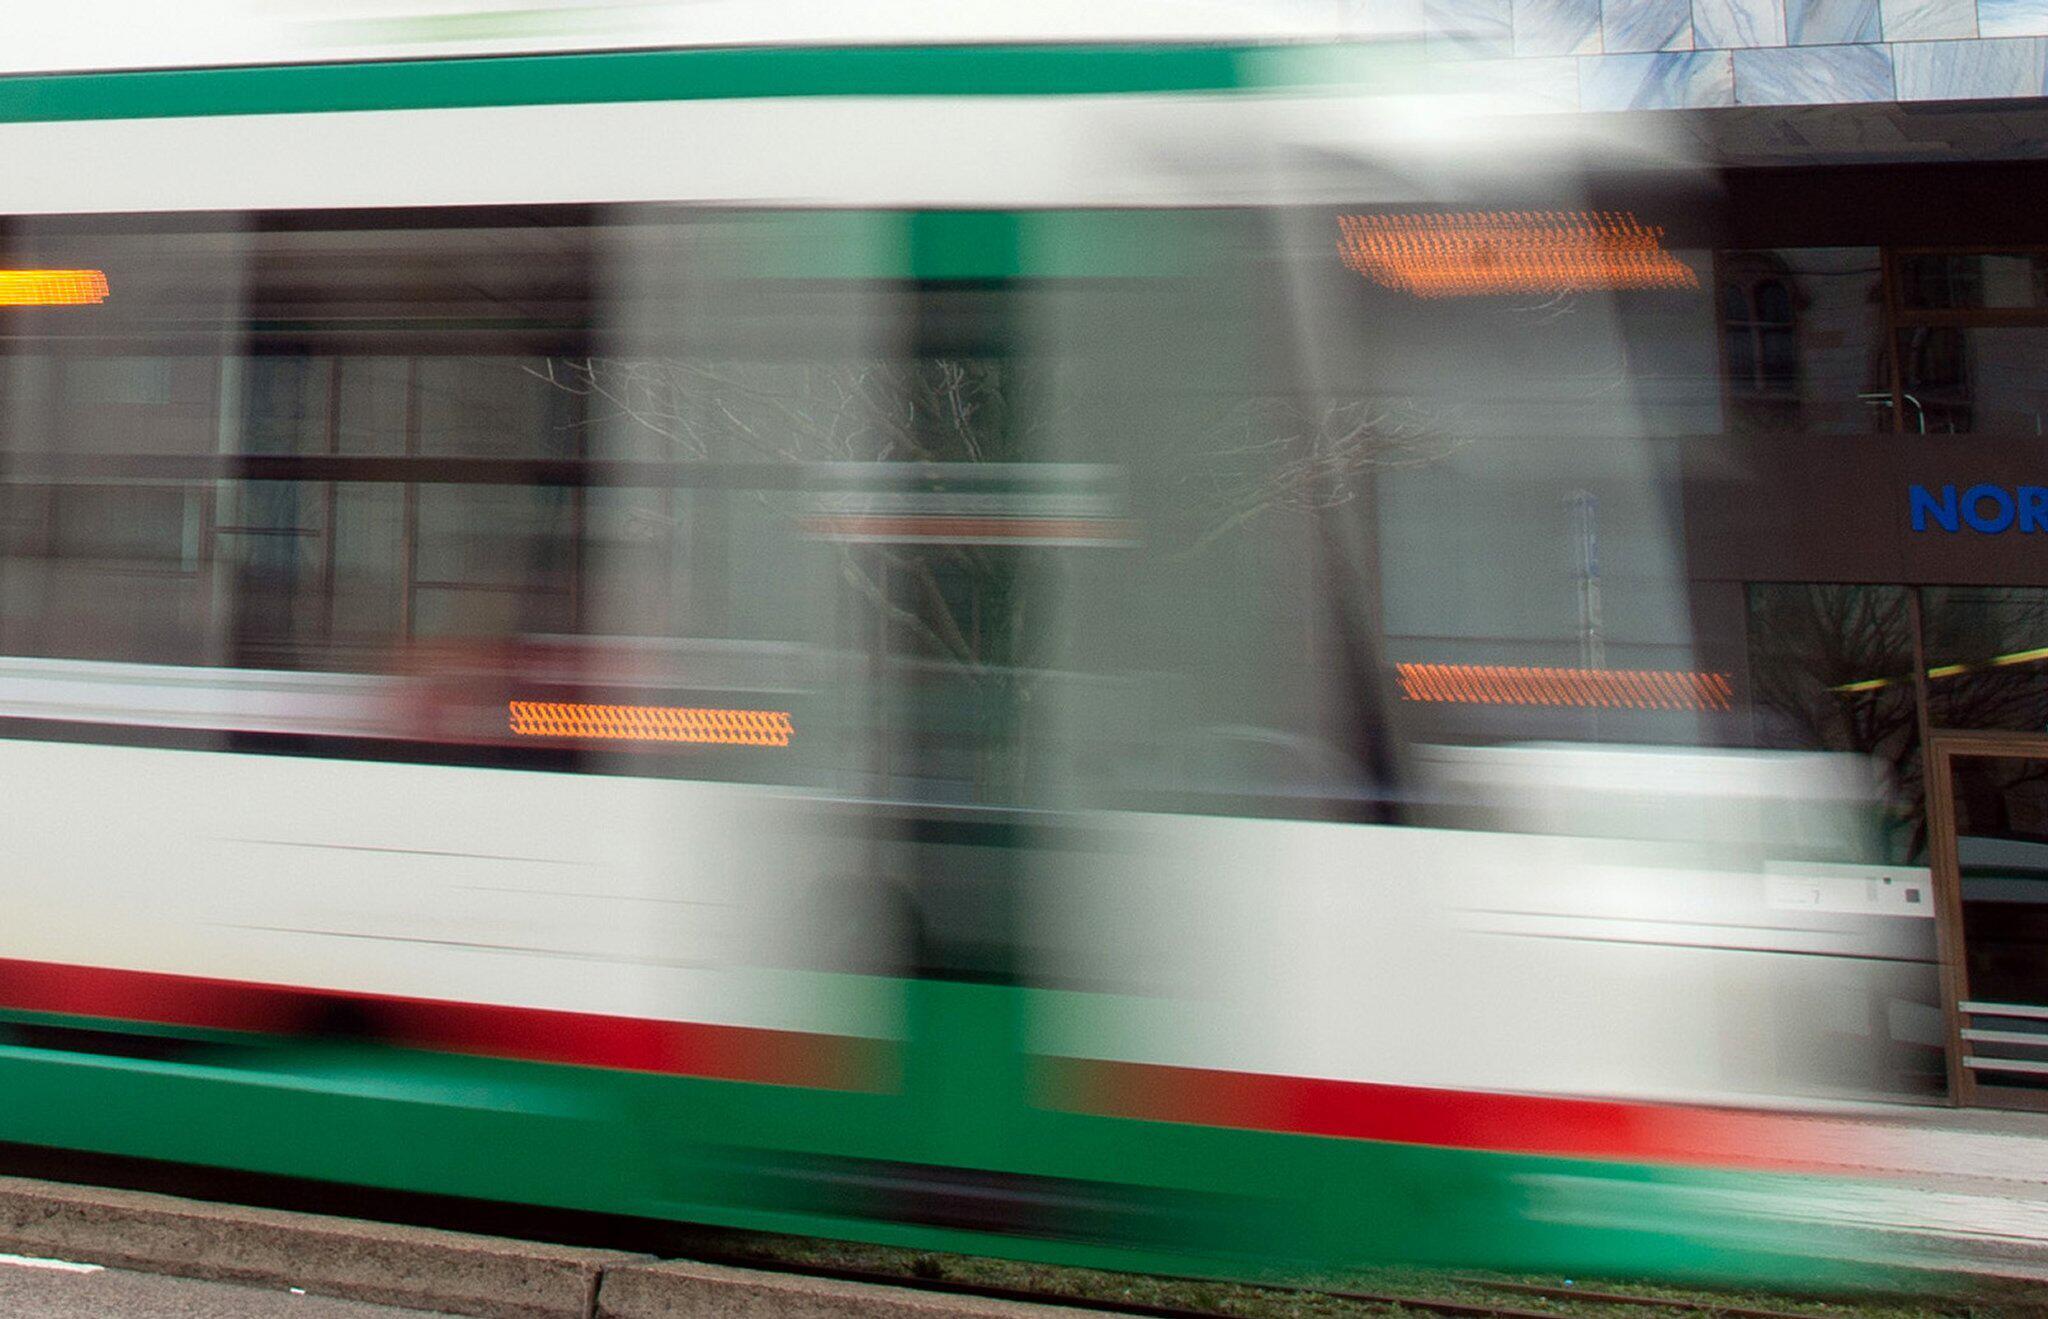 Bild zu Mann in Lebensgefahr - erste Hinweise nach Strassenbahn-Attacke